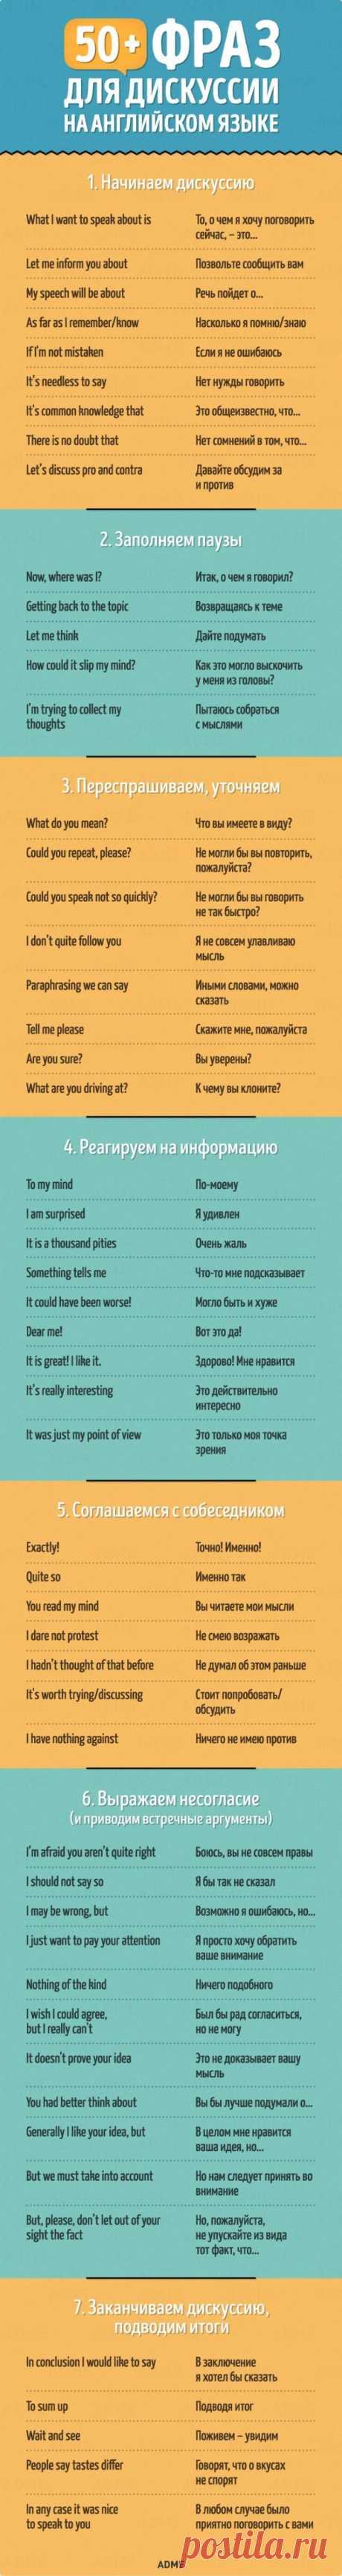 50+ английских фраз, которые помогут блестяще проявить себя в общении   KeFLine